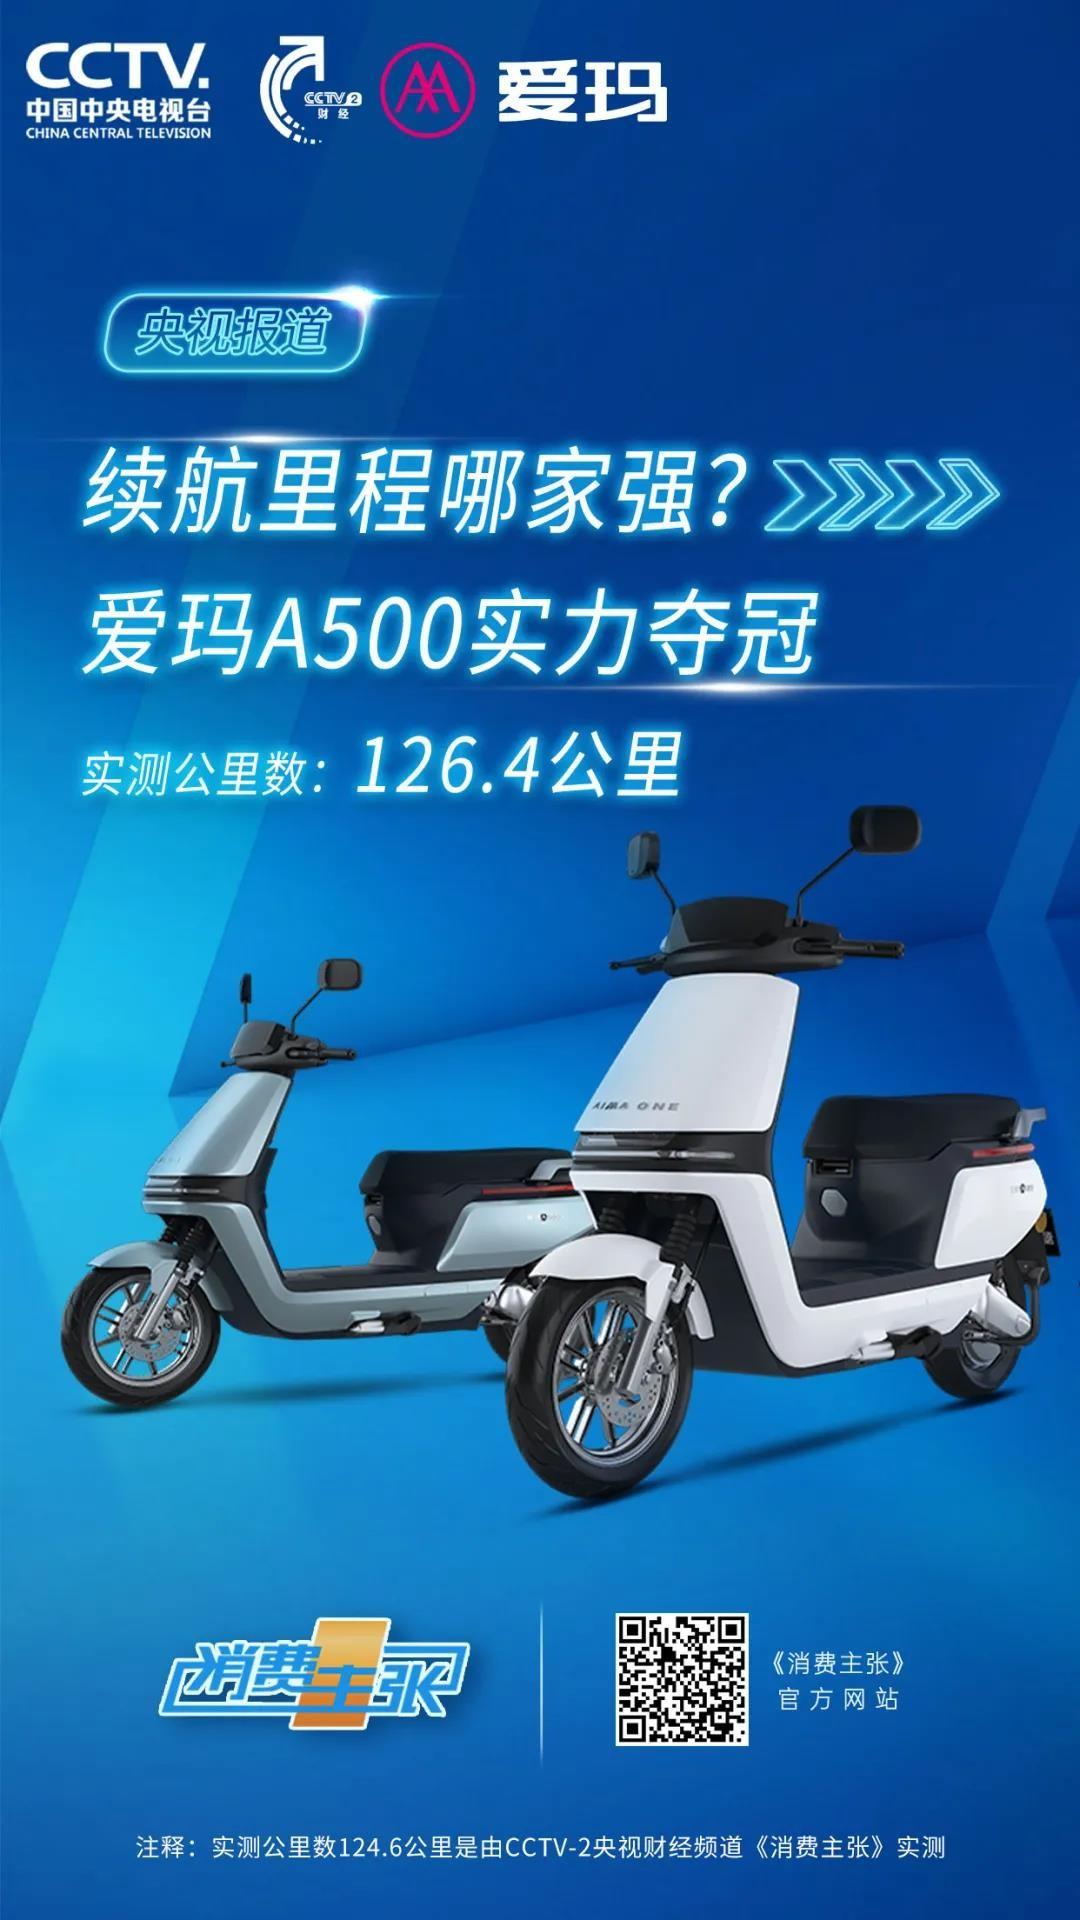 央视《消费主张》权威测评发布爱玛A500实力领跑